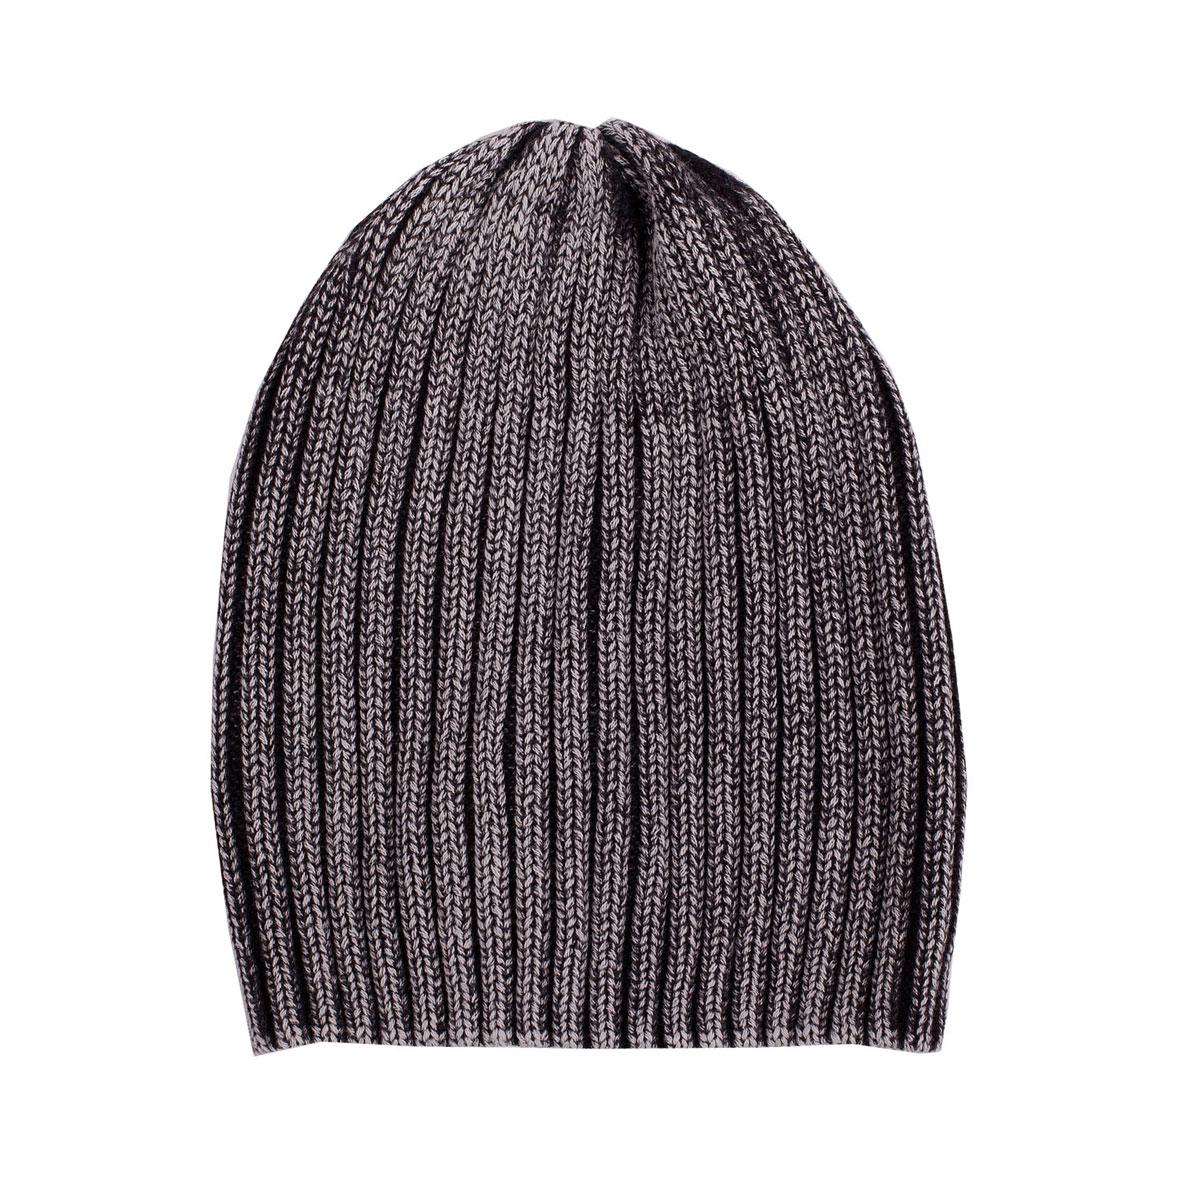 Шапка детская11603BMC7301Модная вязаная шапка для мальчика Gulliver Красный жук идеально подойдет для прогулок в прохладное время года. Изготовленная из натурального хлопка, она обладает хорошими дышащими свойствами и надежно удерживает тепло. Шапка связана резинкой. Благодаря актуальной варке изделия, придающей модели эффект легкой состаренности, шапка выглядит стильно и элегантно. Такая шапка - незаменимый предмет детского гардероба. Уважаемые клиенты! Размер, доступный для заказа, является обхватом головы ребенка.